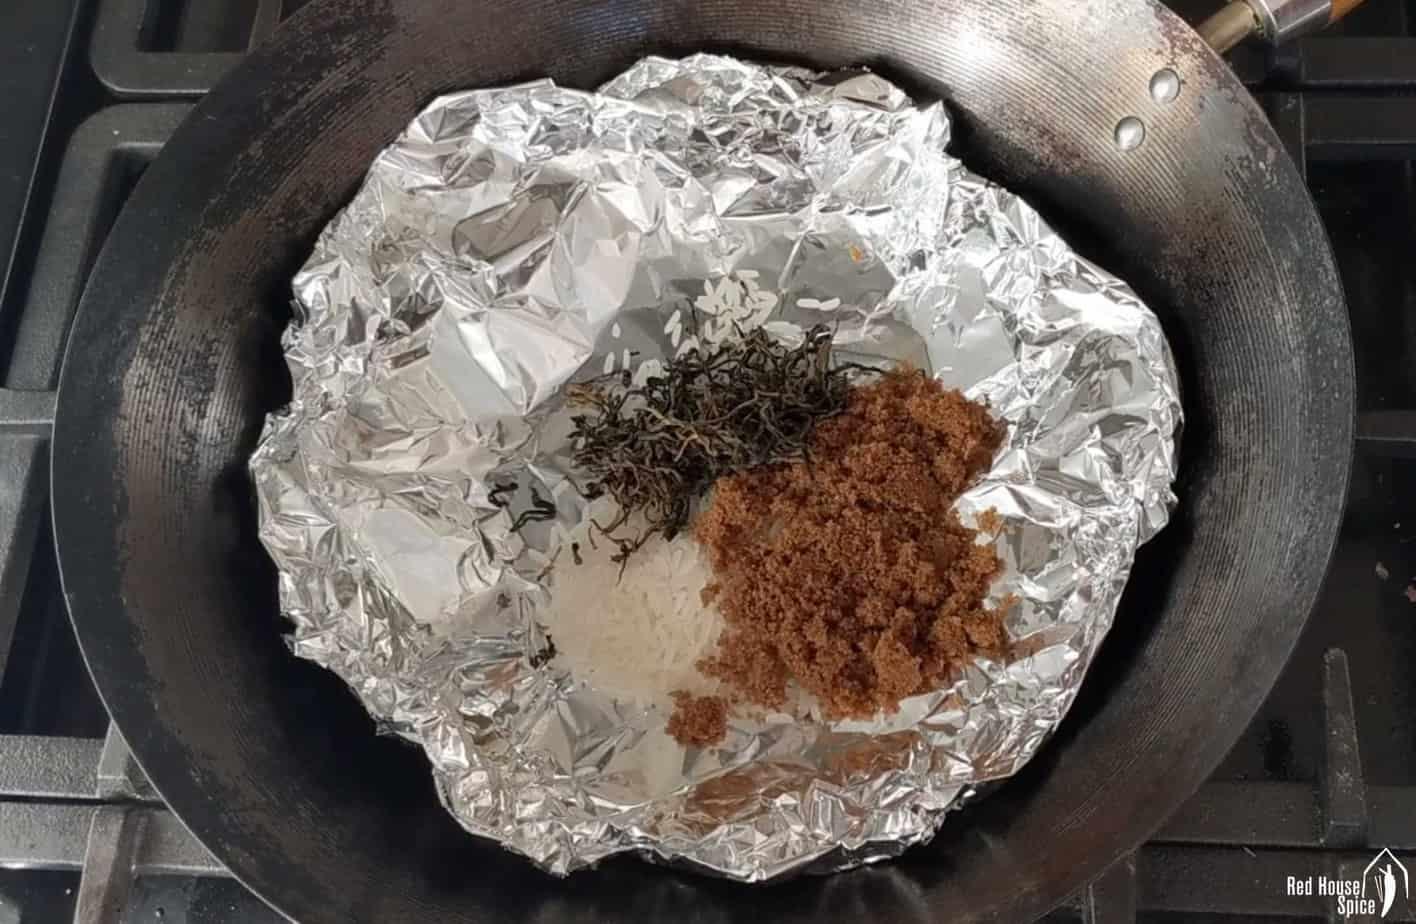 Tea leaves, sugar, rice on kitchen foil inside a wok